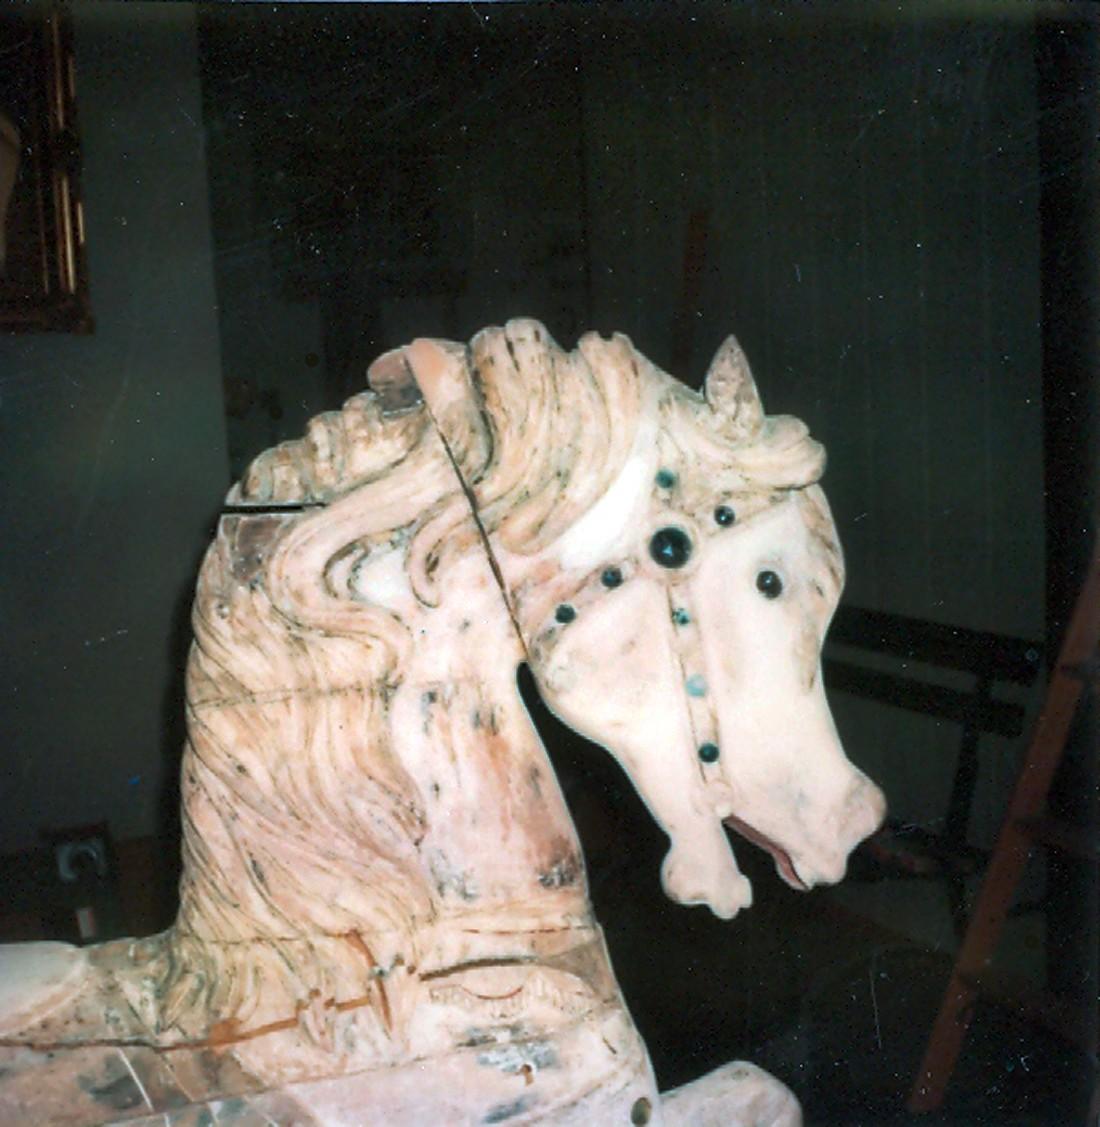 Fraley-Redbug-Studio-carousel-horse-restoration-1980-visit_004